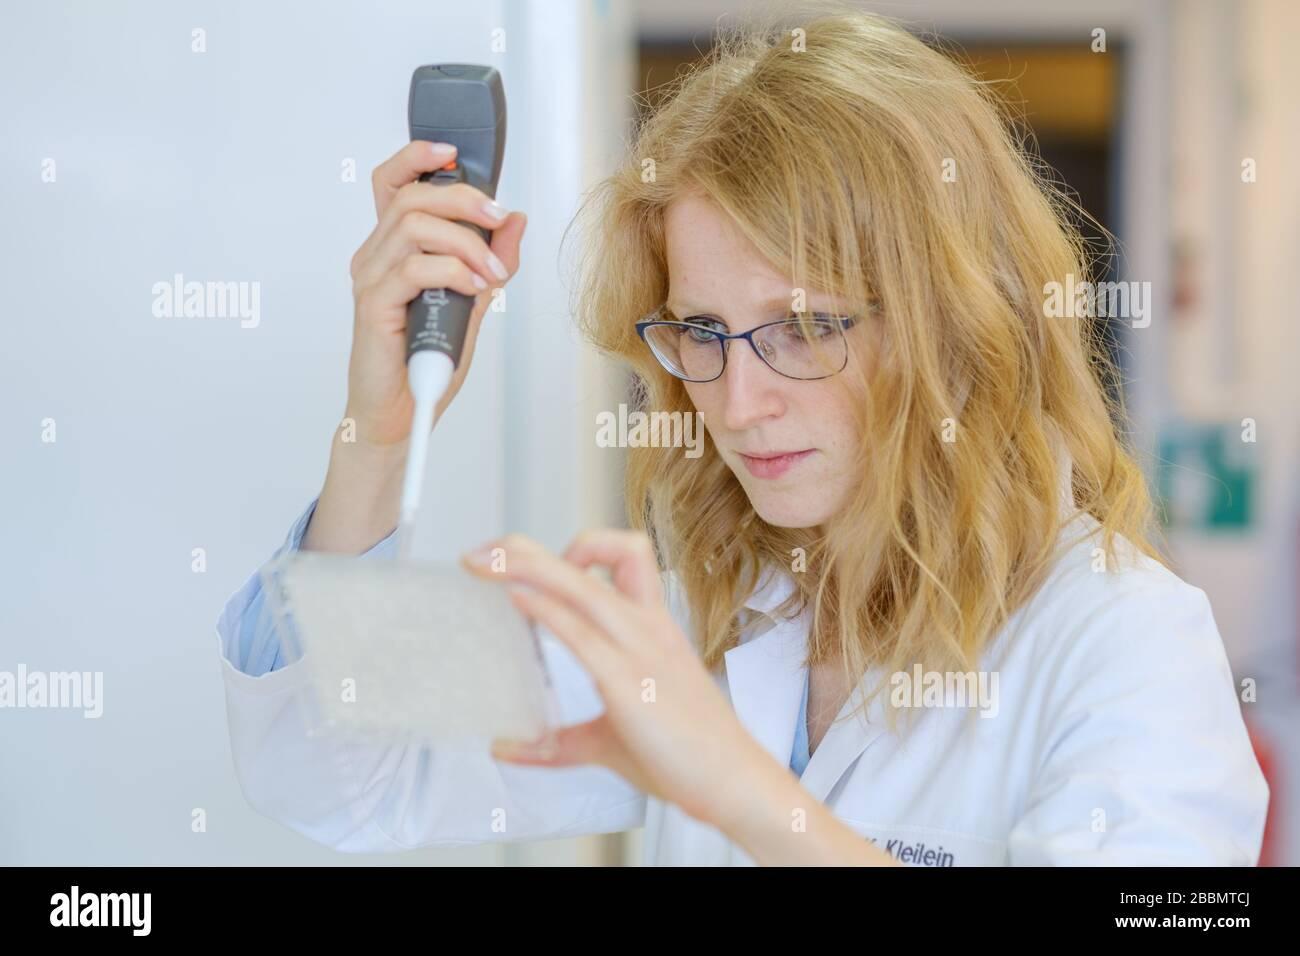 Brunswick, Allemagne. 01 avril 2020. Le scientifique Katharina Kleilein a des anticorps sur une plaque Elisa dans le laboratoire de la société de sciences de la vie Yumab. La société de démarrage effectue des recherches sur le développement d'anticorps humains et tente de développer des médicaments contre Covid-19. Crédit: OLE Spata/dpa/Alay Live News Banque D'Images